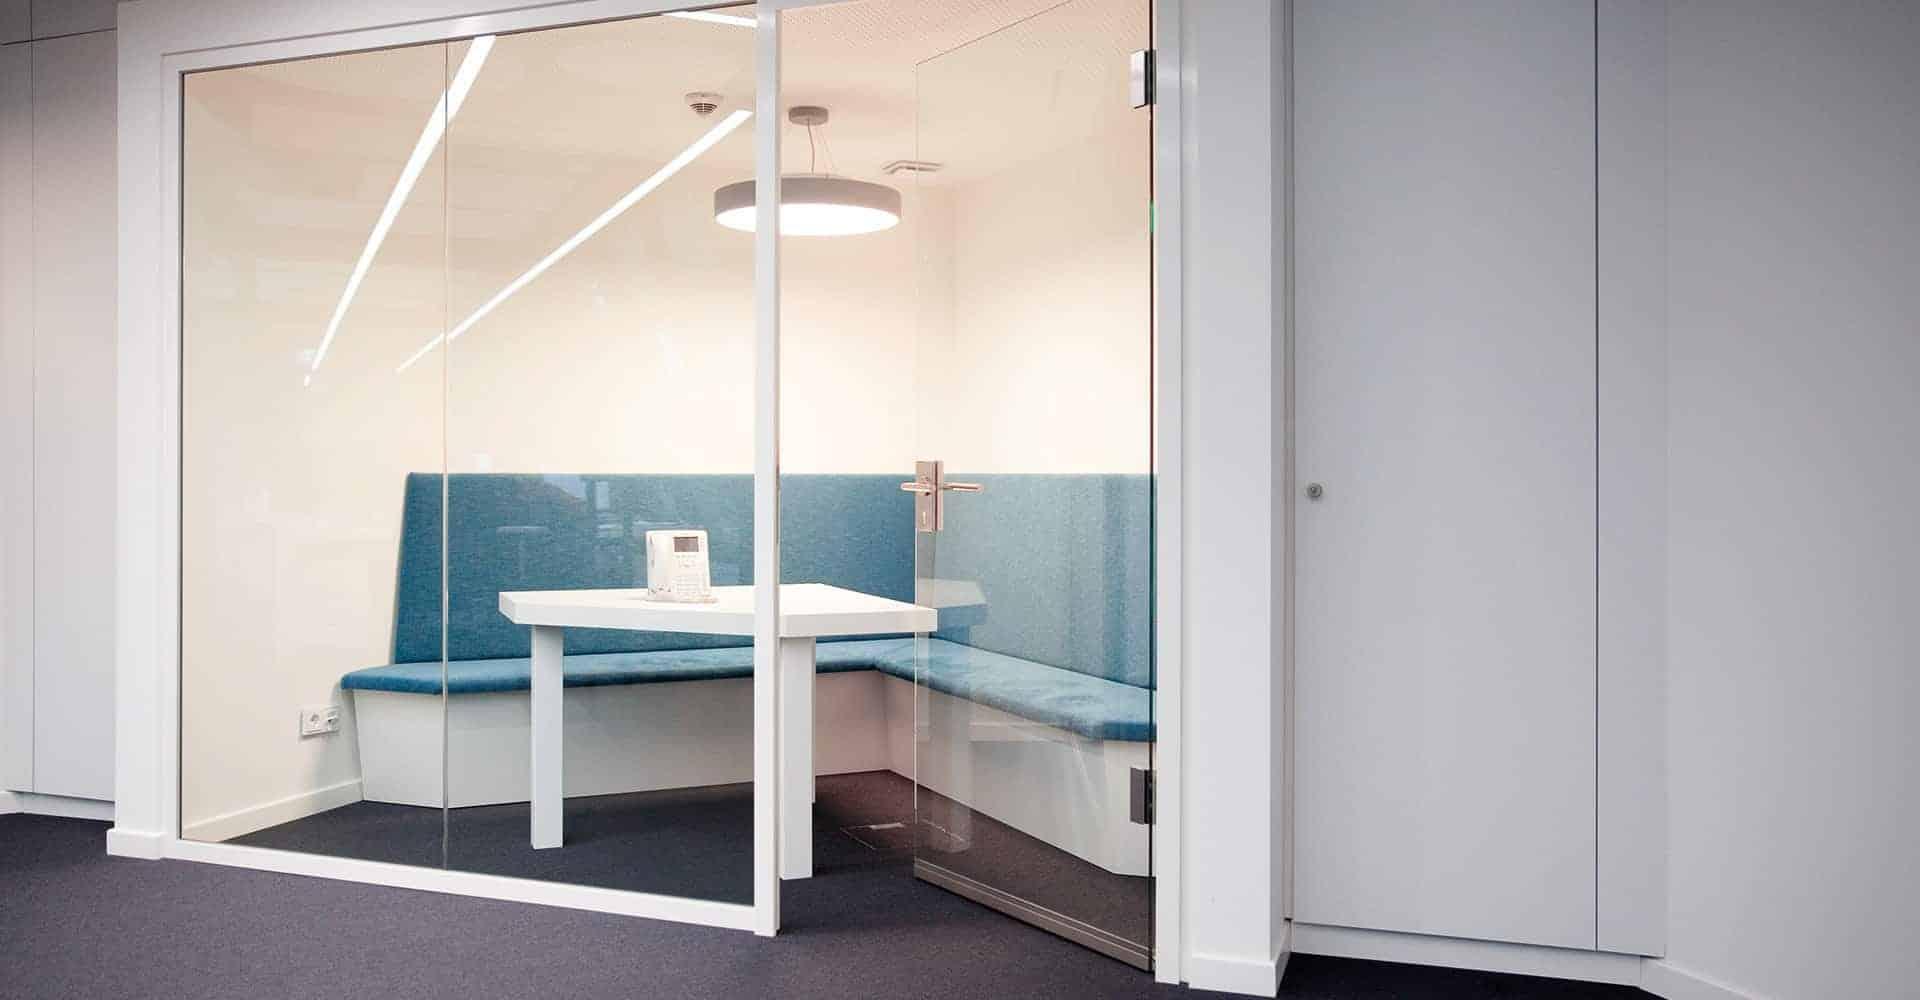 HEADQUARTER MEDNEO GMBH BERLIN | PLANUNG HEADQUARTER | Für den Neubau des Headquarters von medneo wurde von uns das Konzept für die gesamte Büroeinheit auf über zwei Etagen entwickelt.